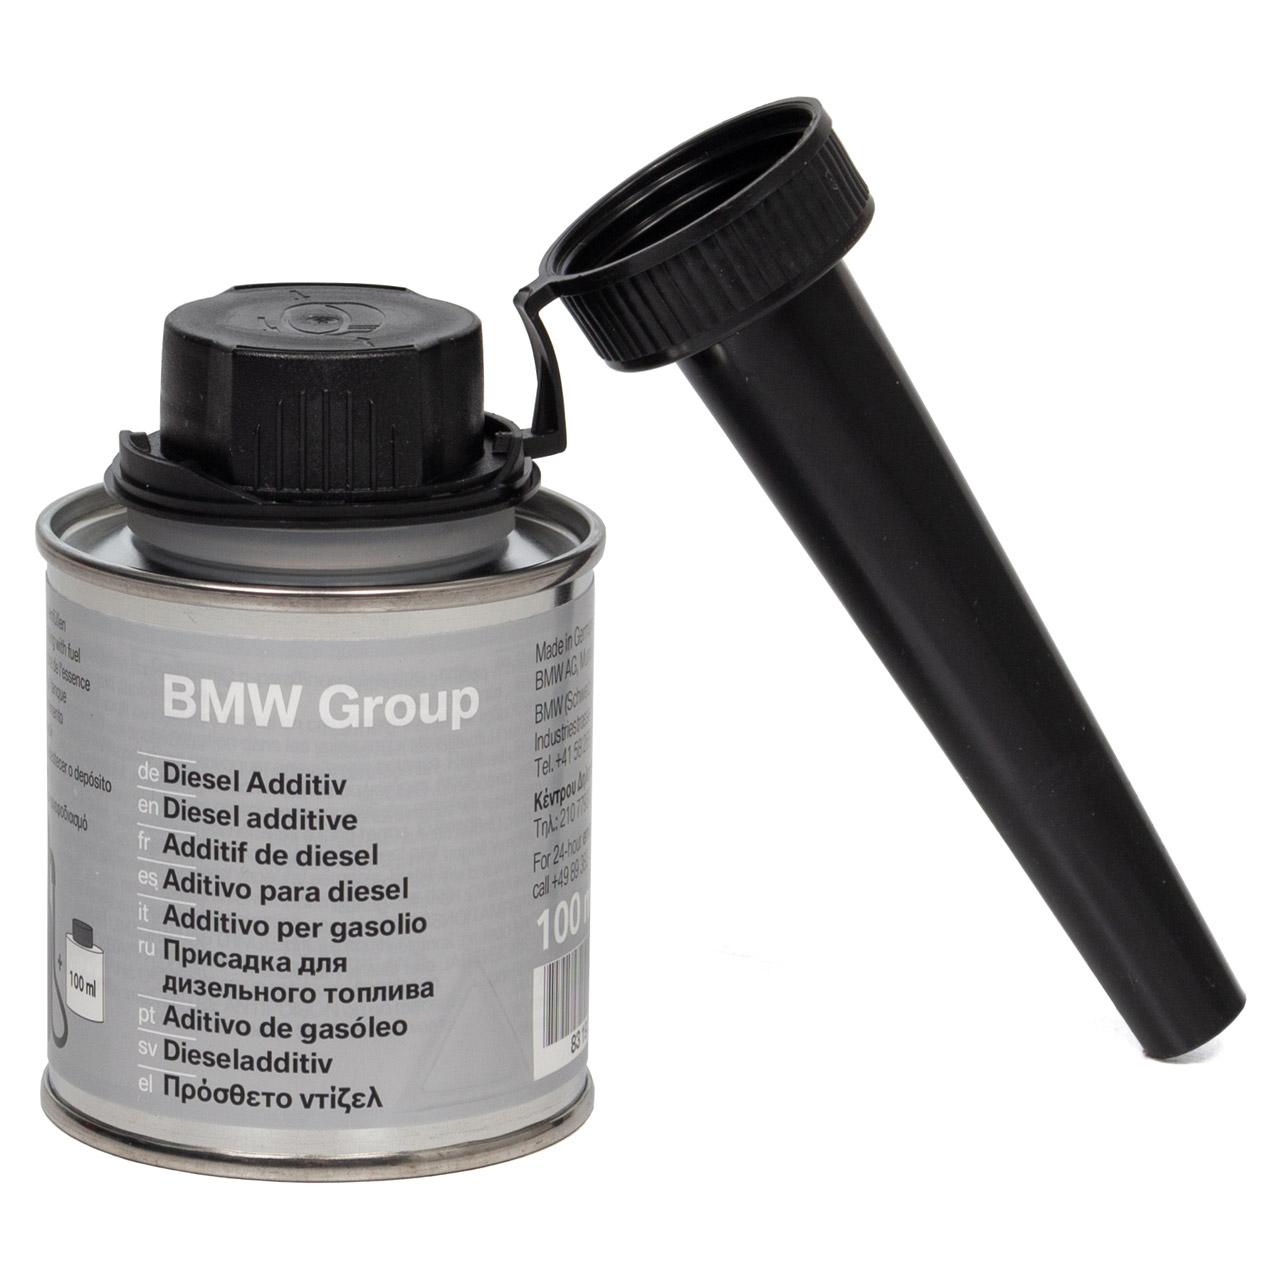 ORIGINAL BMW Kraftstoffadditiv Diesel-Additiv Zusatz 100ml 83192296922